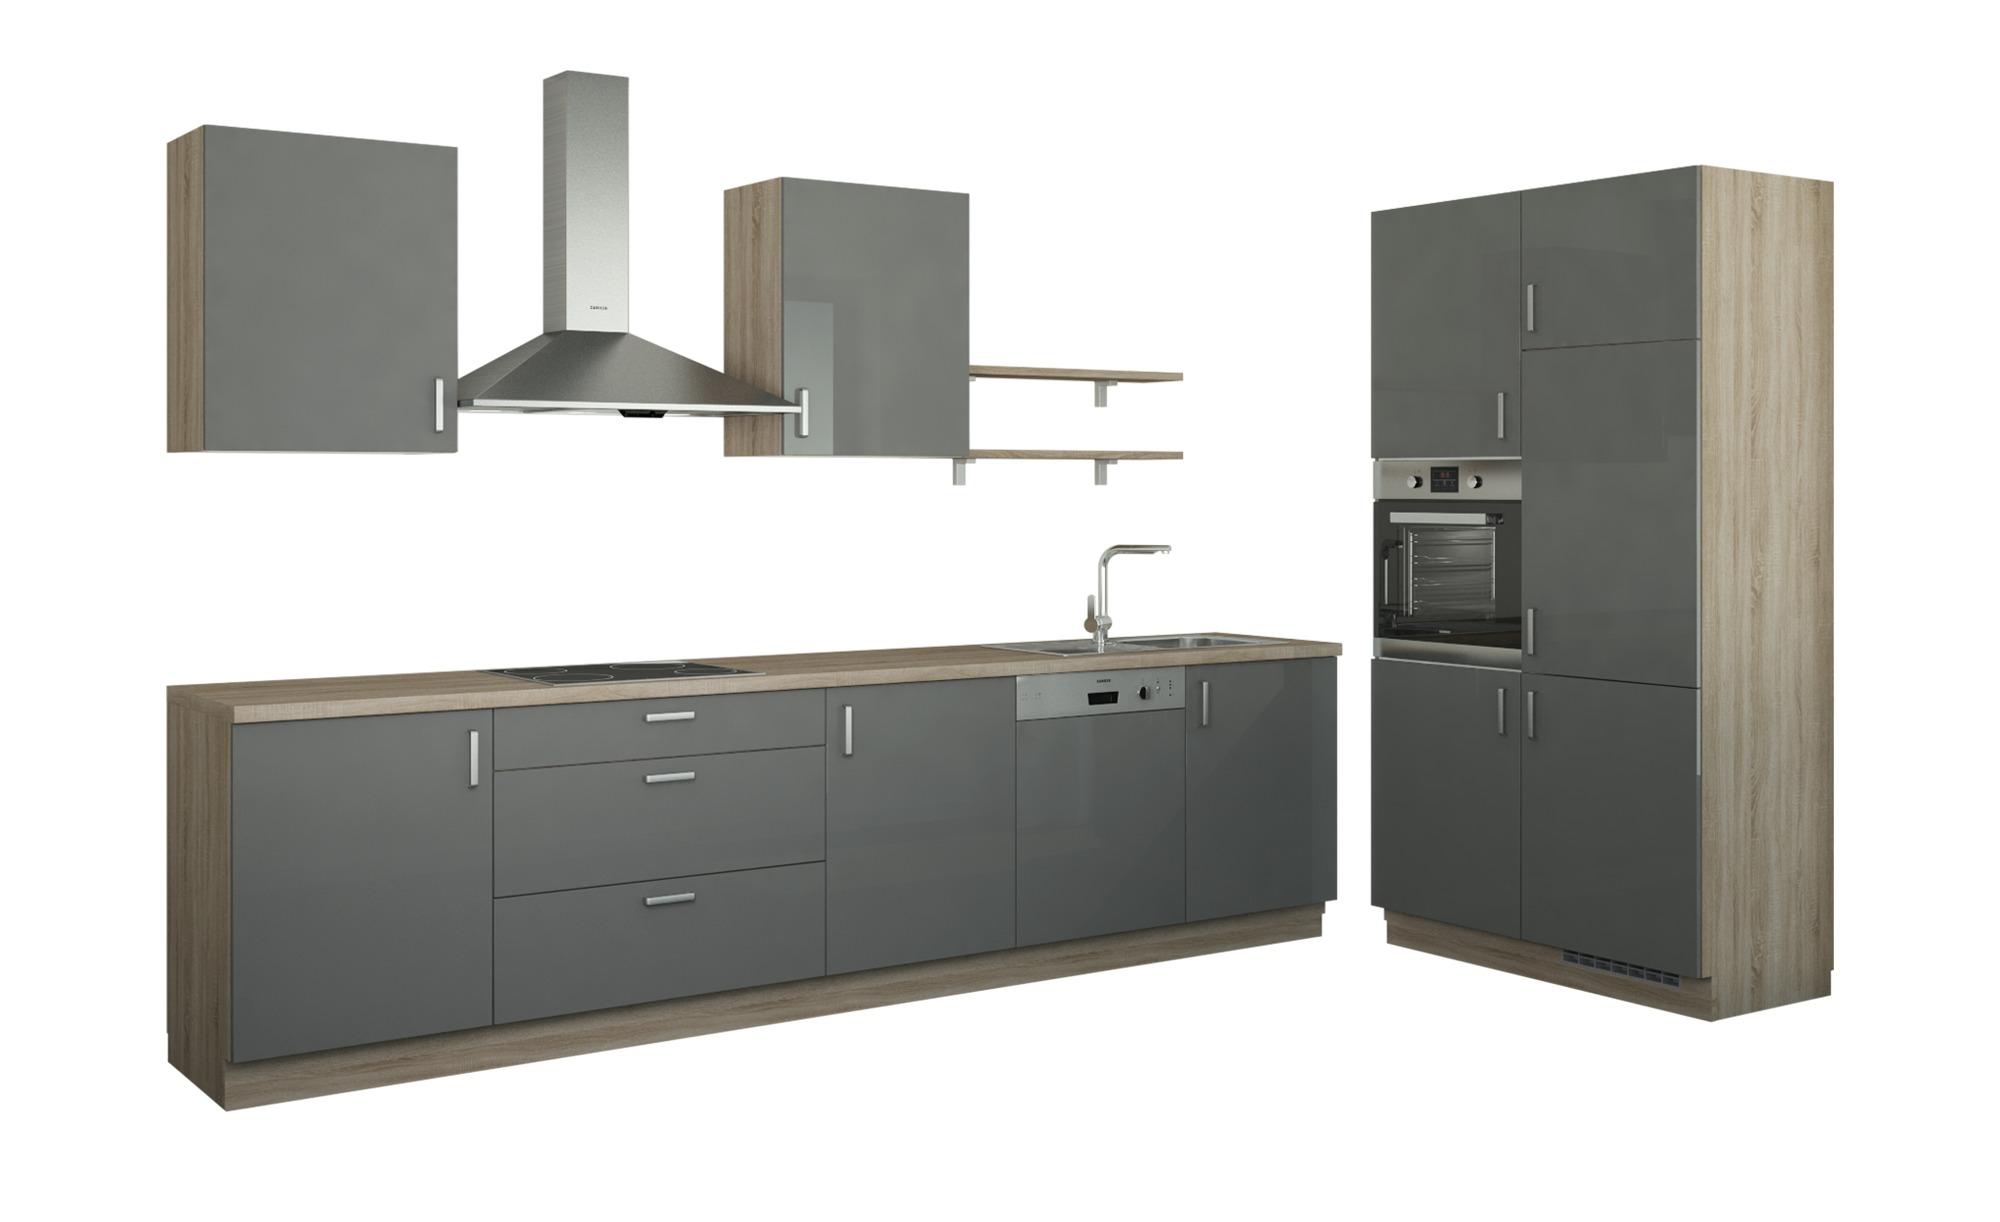 Küchenzeile ohne Elektrogeräte  Usedom Küchen > Küchenblöcke - Höffner | Küche und Esszimmer > Küchen > Küchenzeilen | Holzwerkstoff - Metall - Edelstahl | Möbel Höffner DE